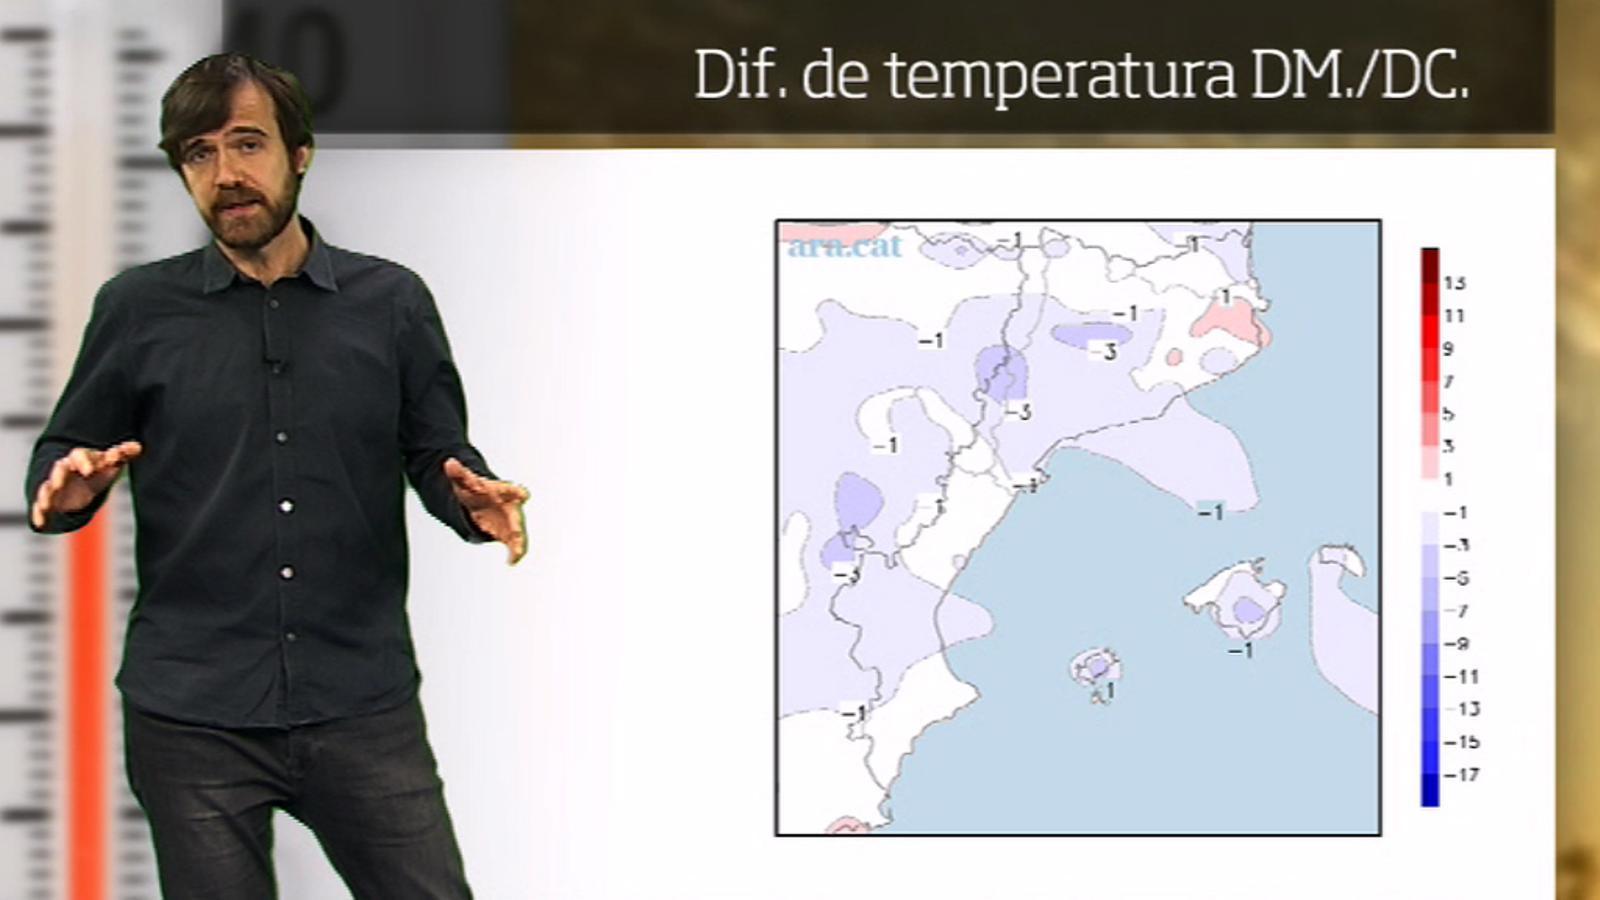 La méteo en 1 minut: ambient més fred a l'espera més canvis de cara a divendres